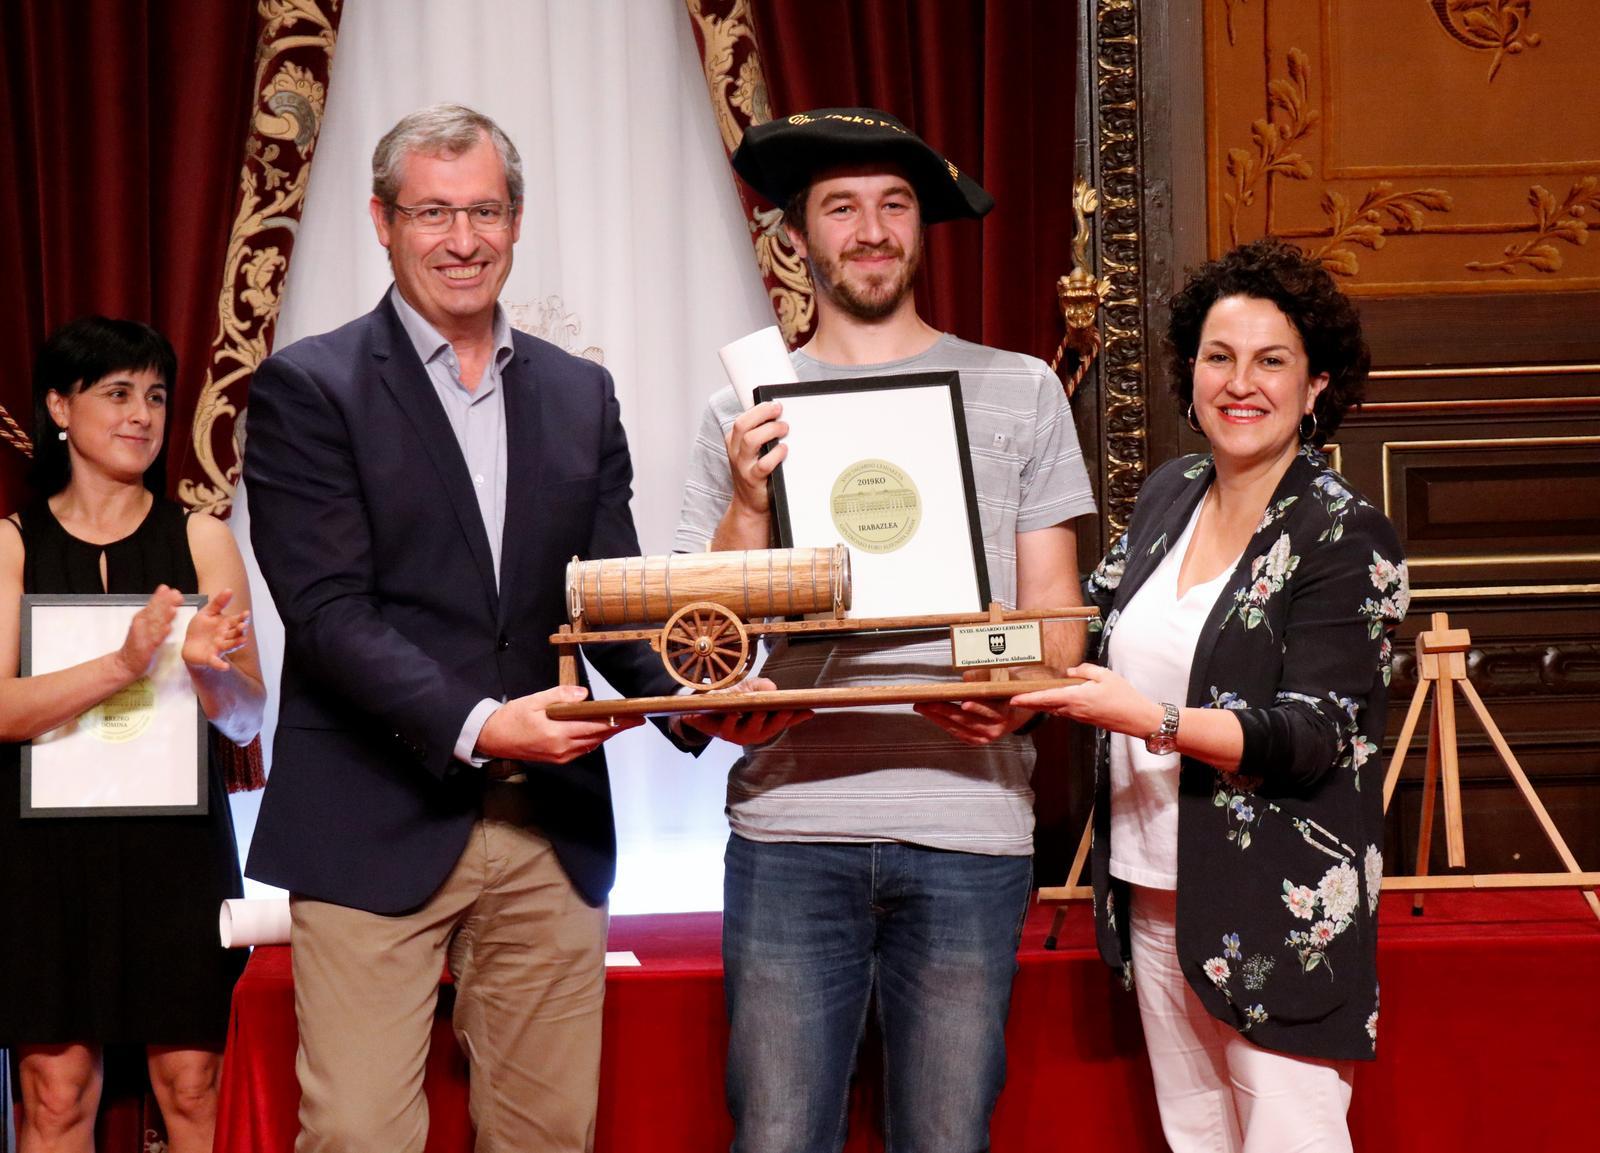 XIX Concurso de Sidra, premios Diputación Foral de Gipuzkoa